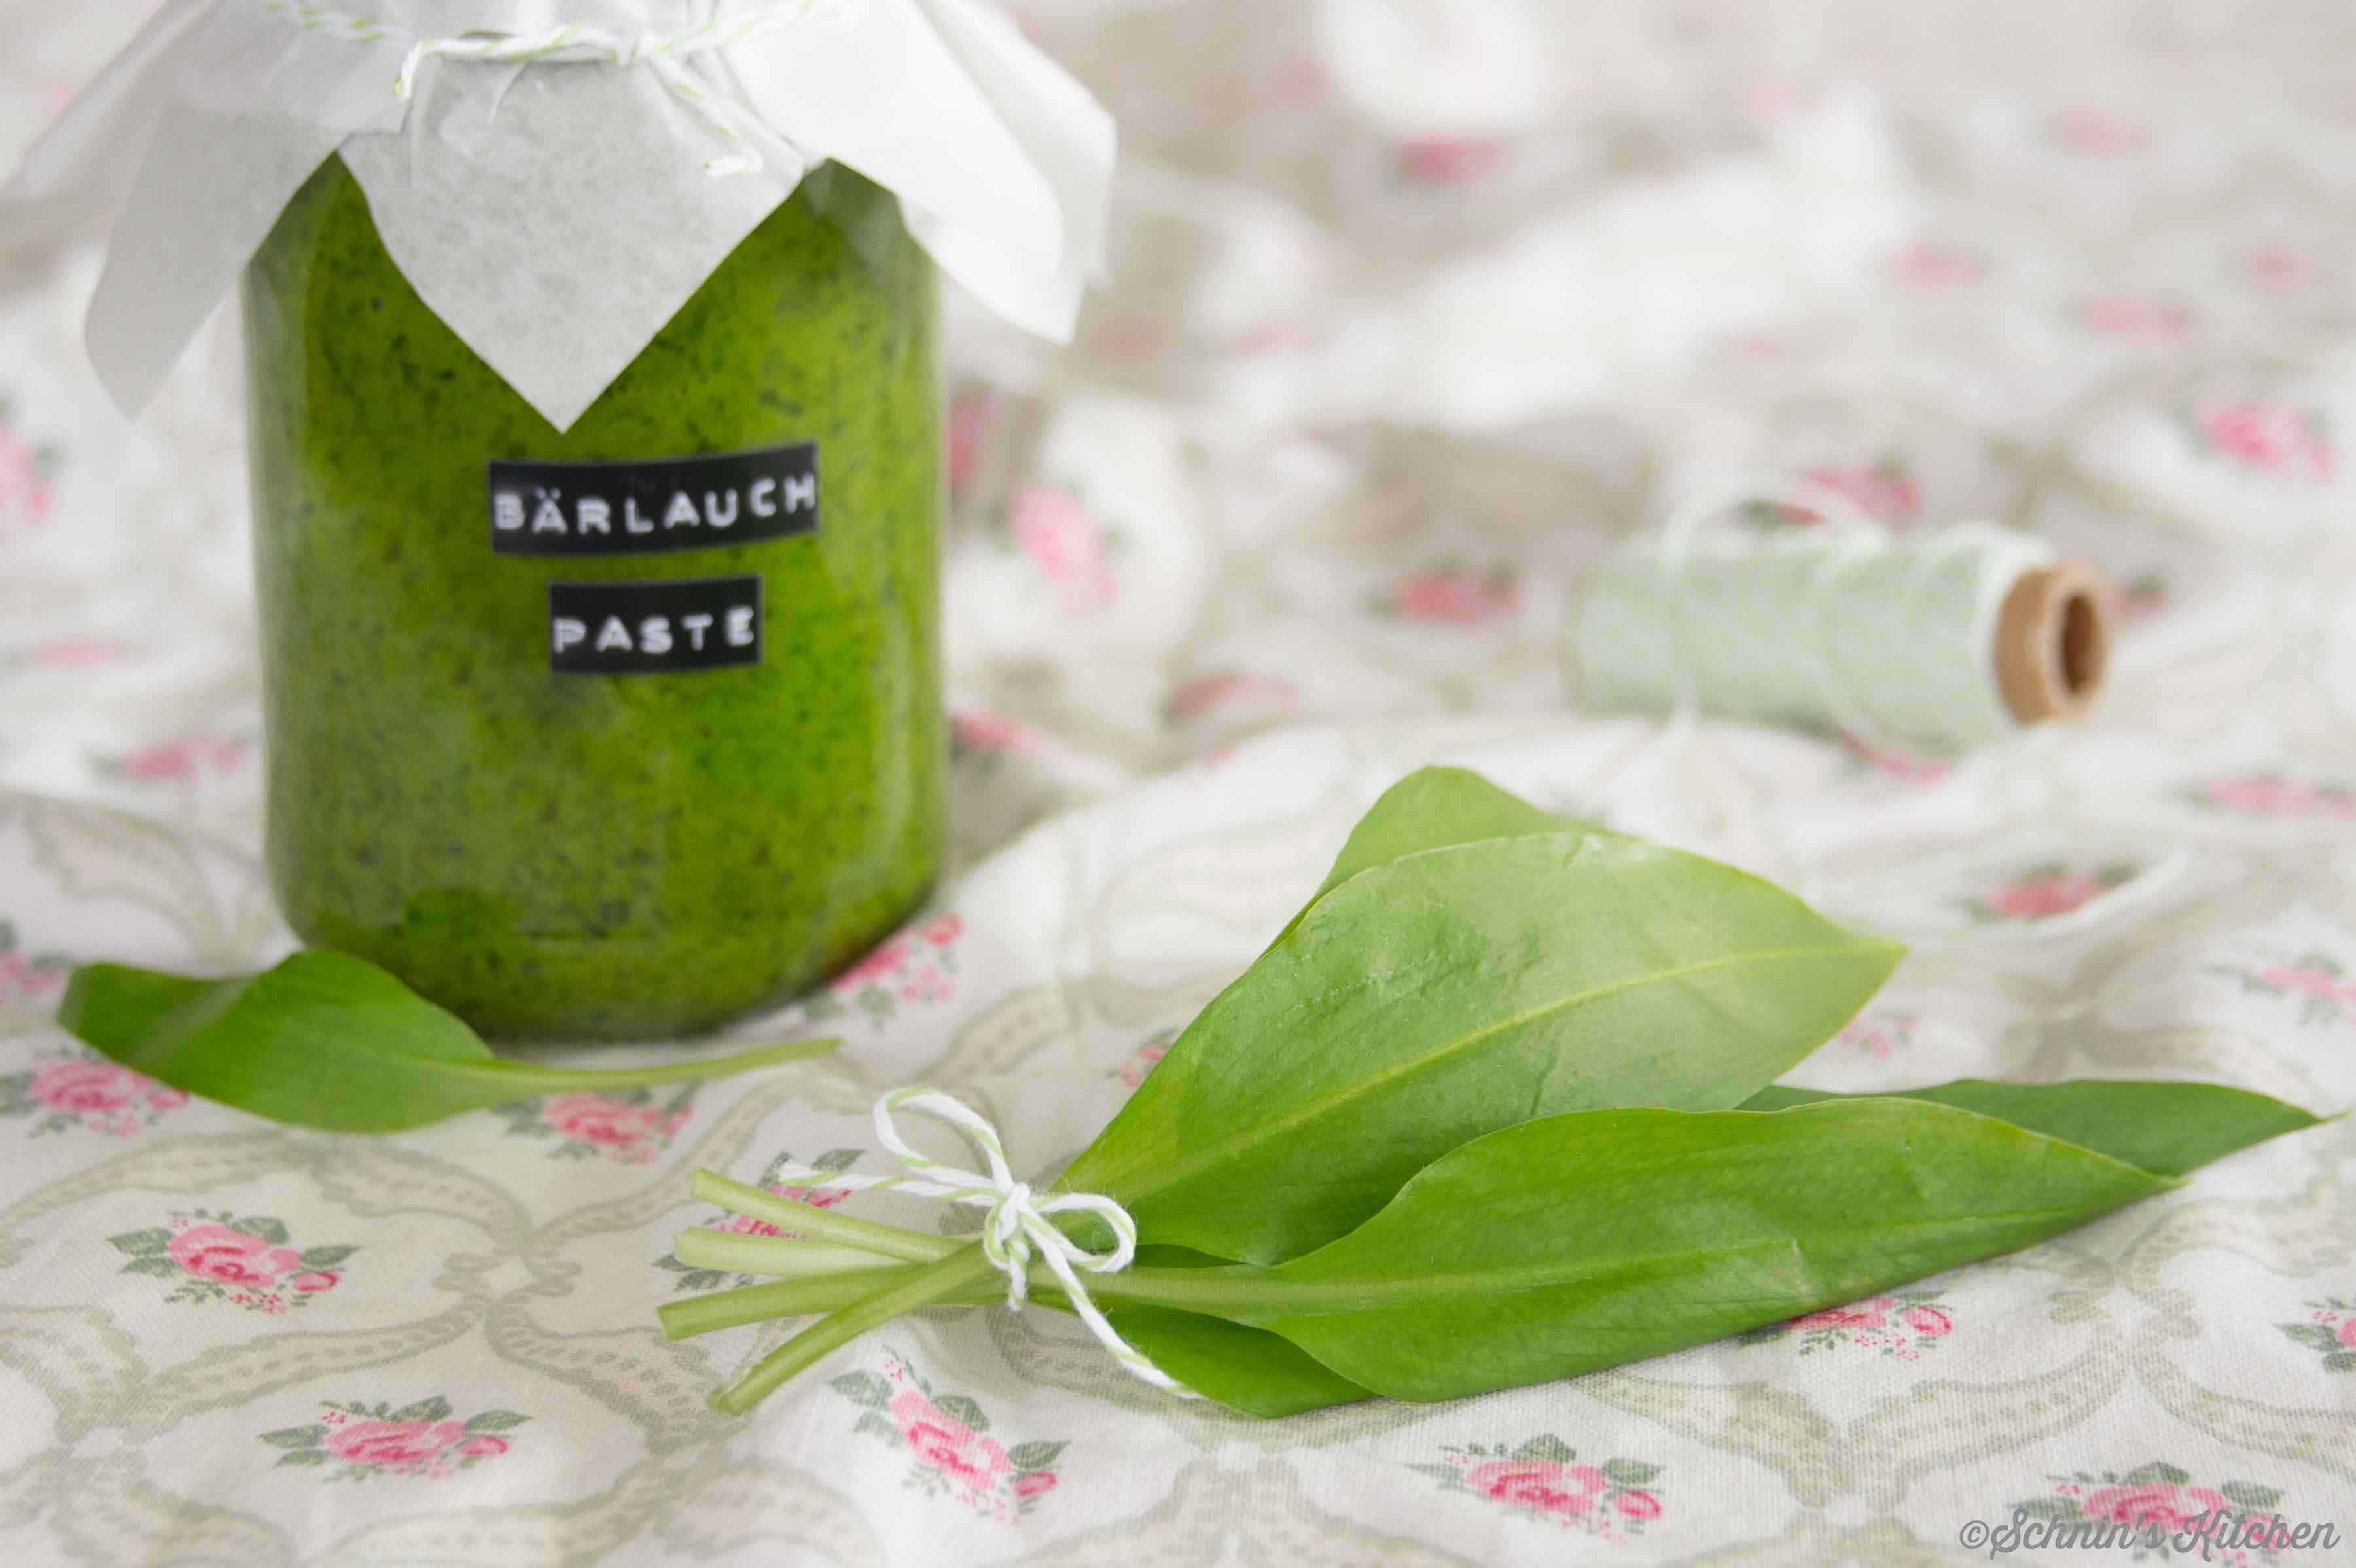 Schnin's Kitchen: Bärlauchpaste